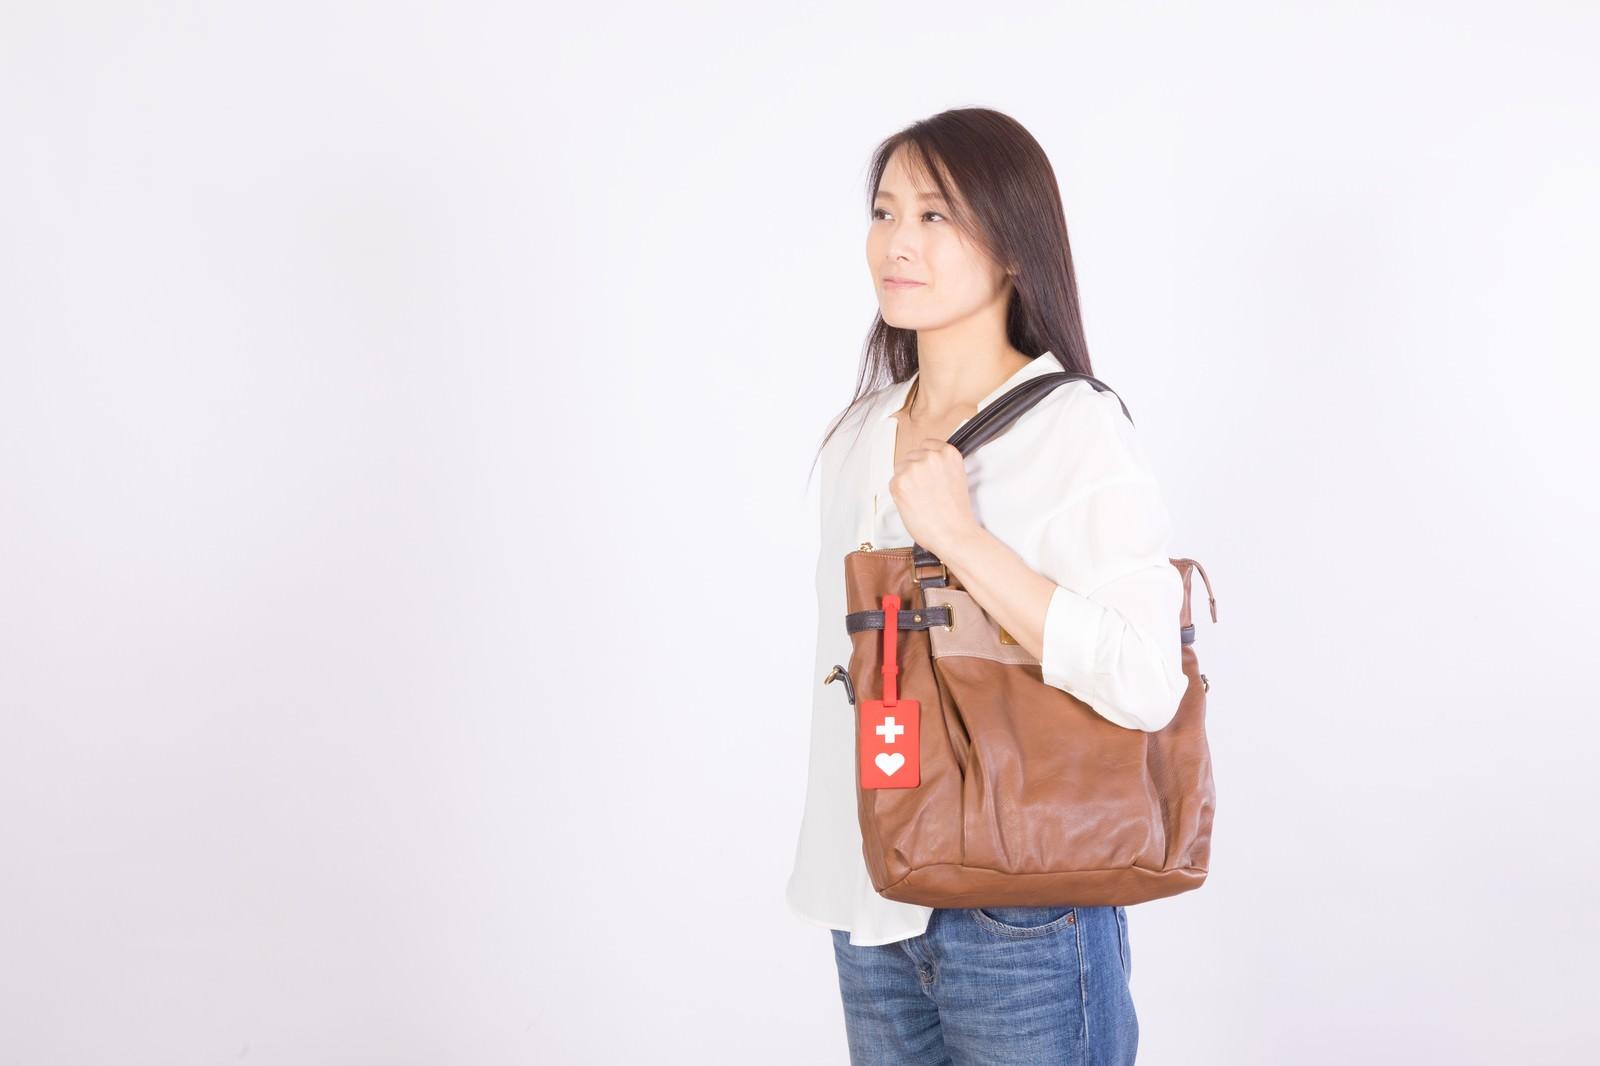 「ヘルプマークをつけて外出する女性ヘルプマークをつけて外出する女性」[モデル:土本寛子]のフリー写真素材を拡大